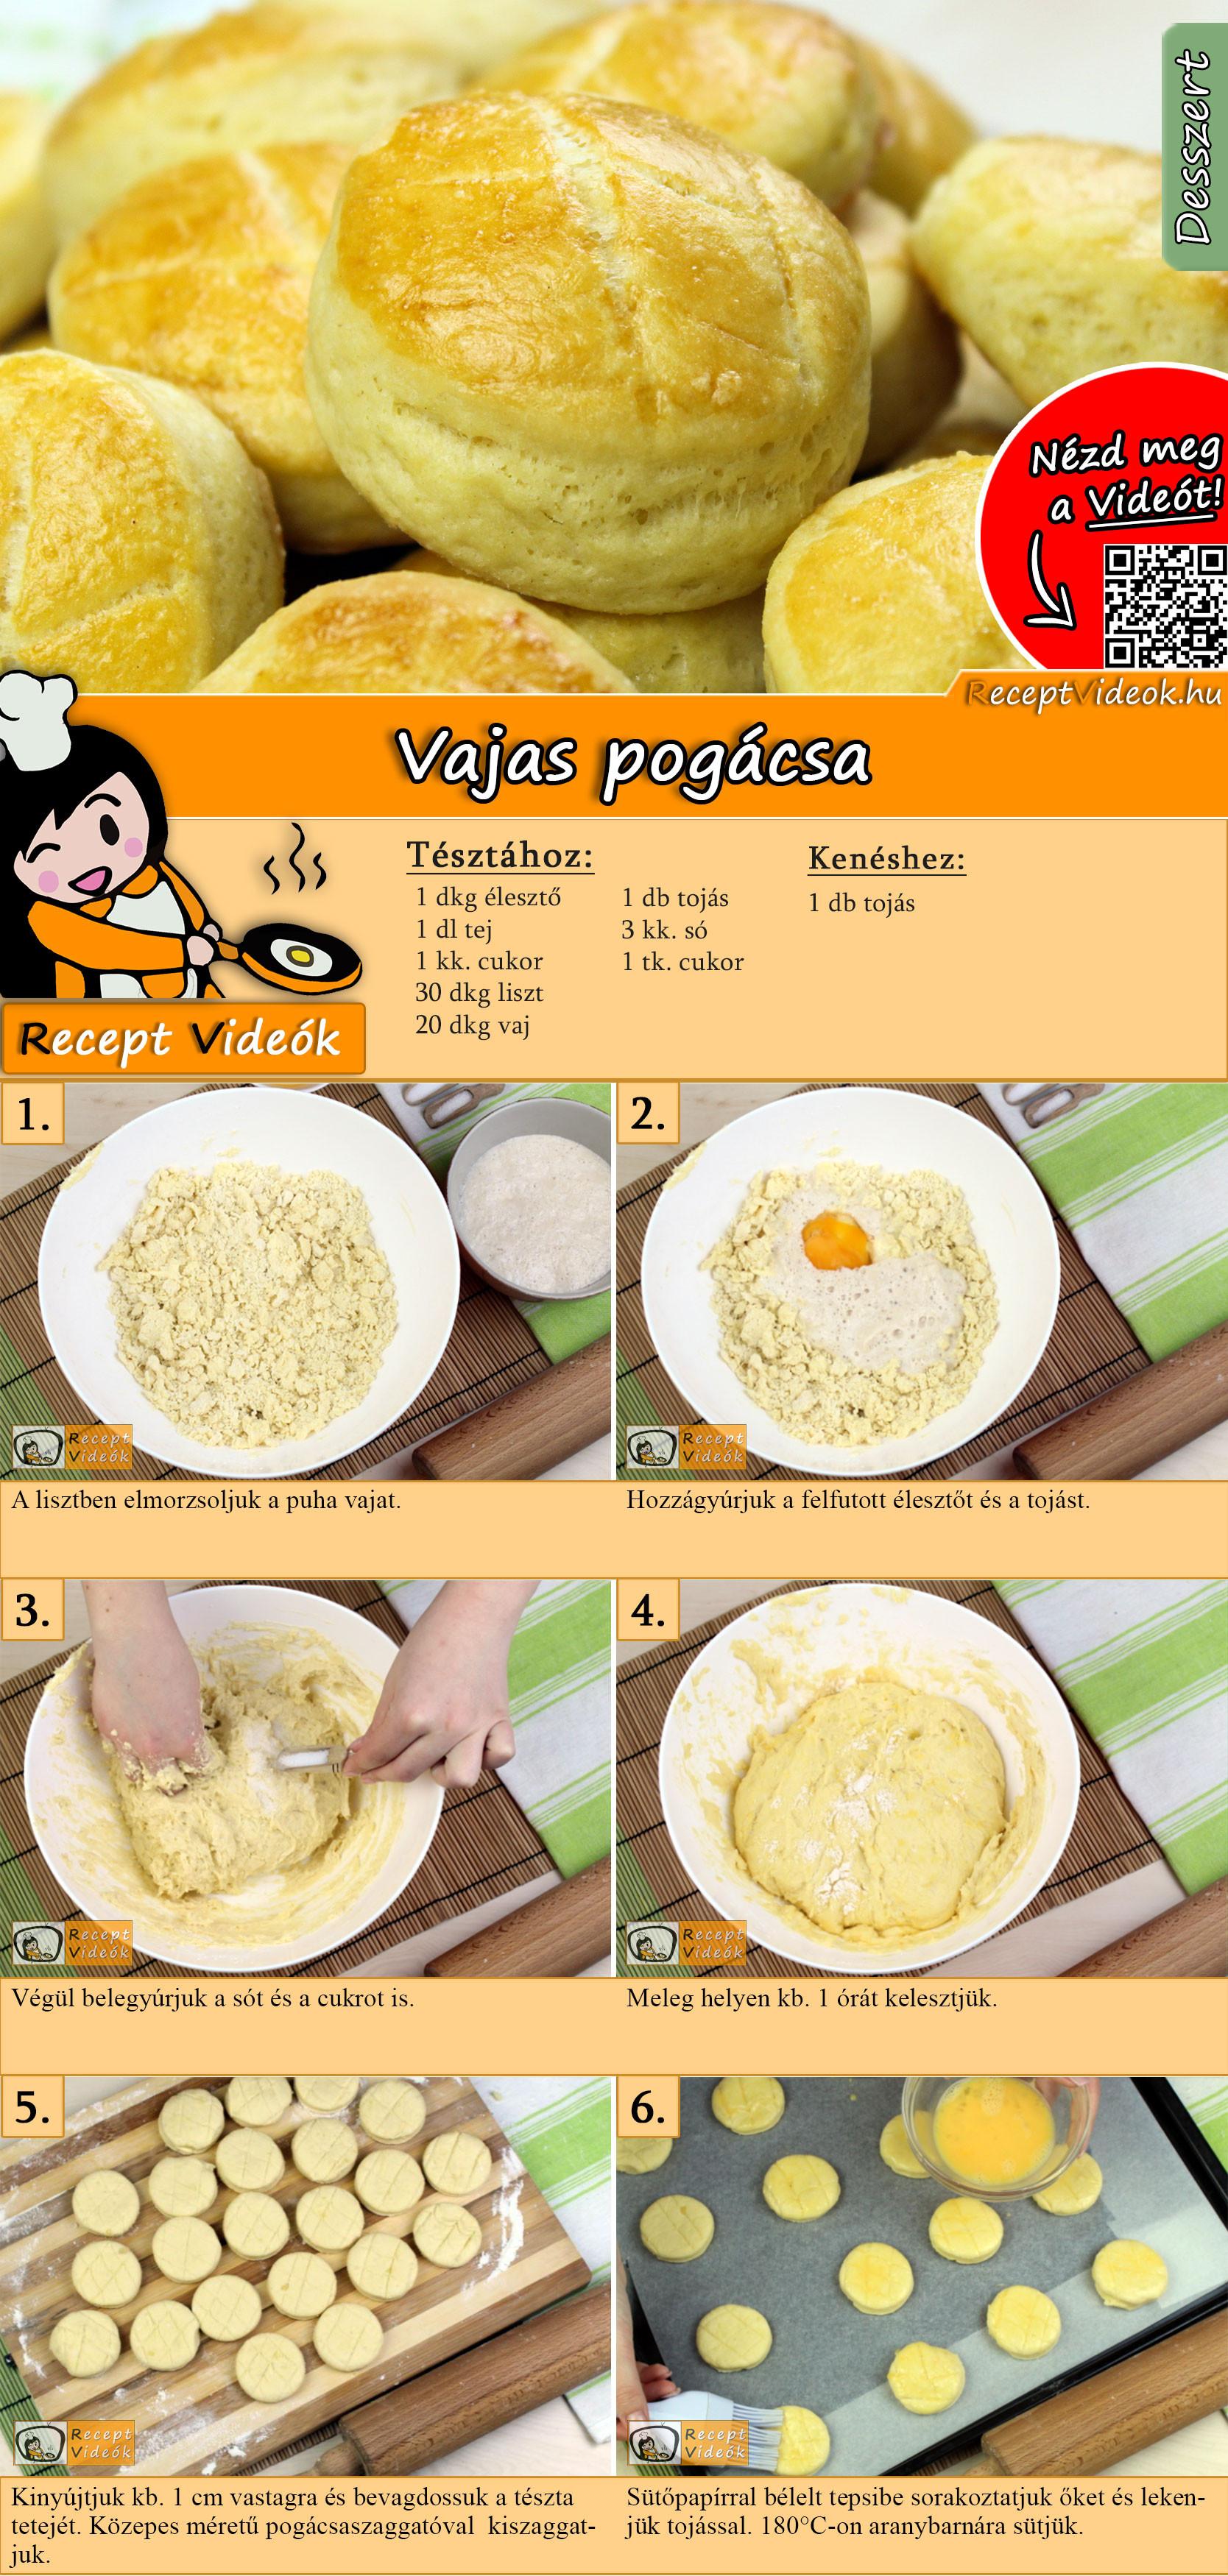 Vajas pogácsa recept elkészítése videóval